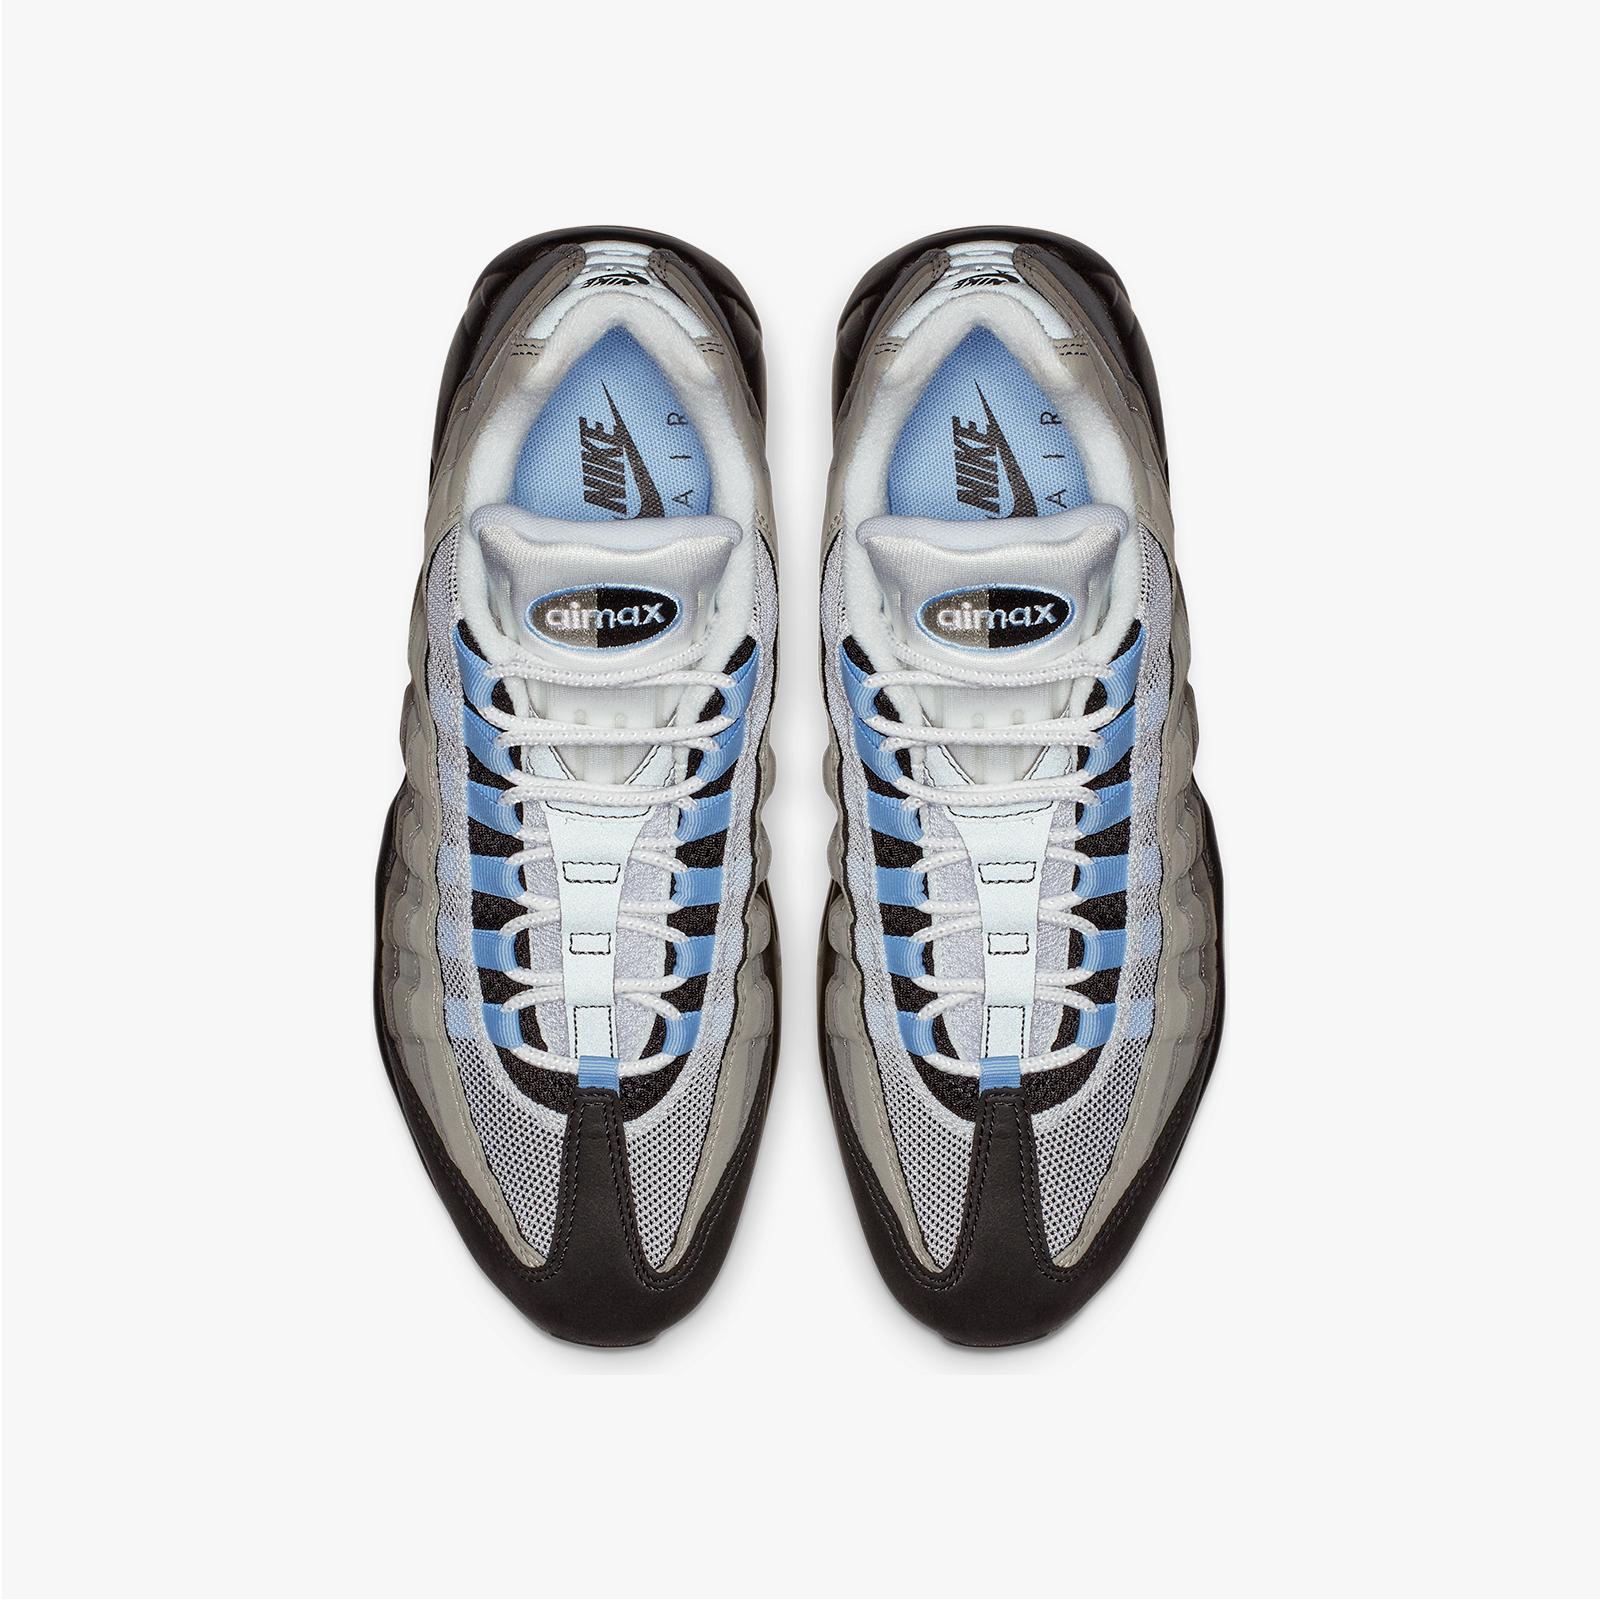 bc07869ec0f2 Nike Air Max 95 - Cd1529-001 - Sneakersnstuff